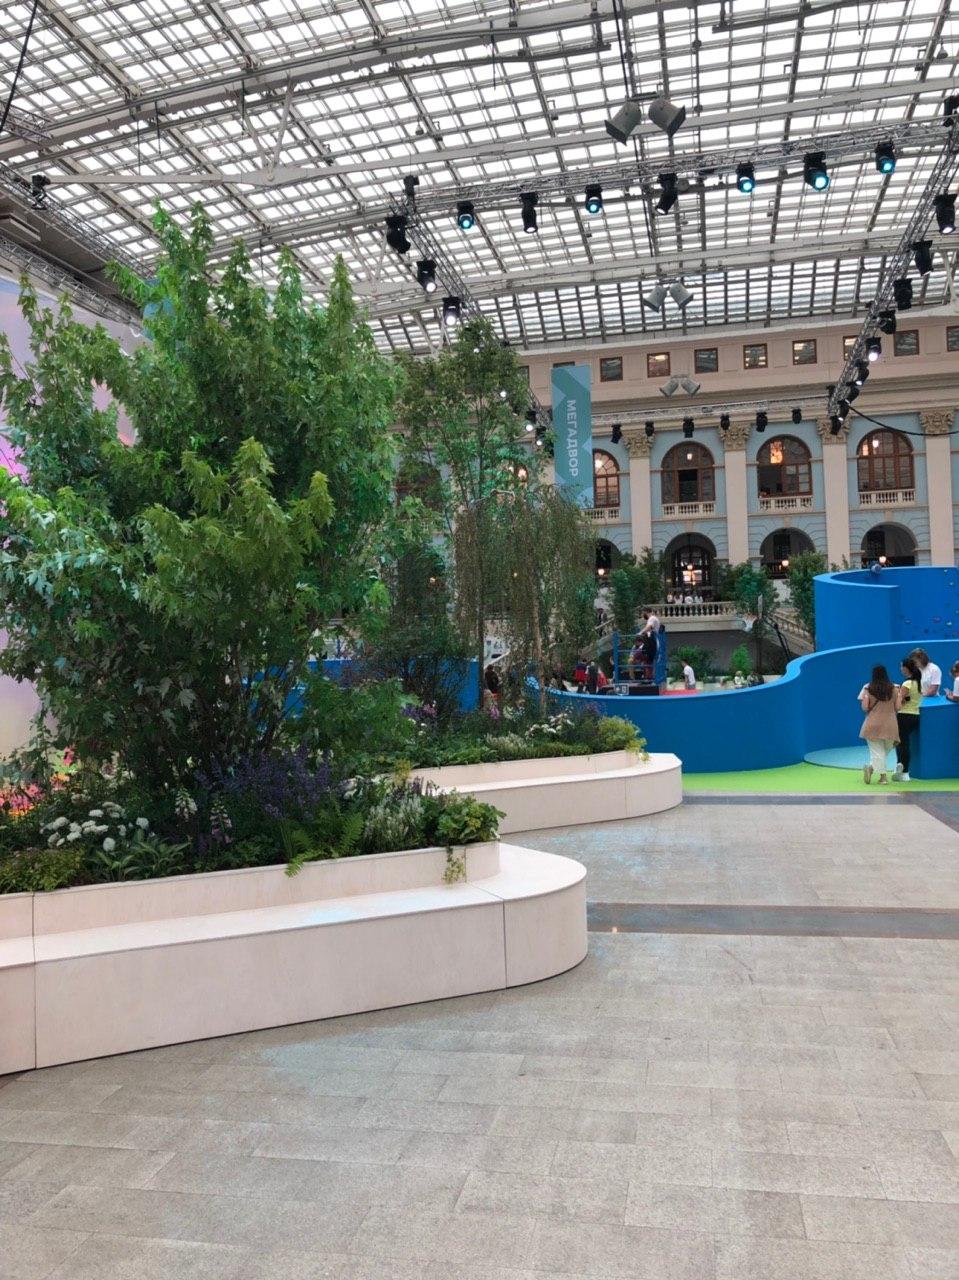 Форум «Мой район», Москва, Гостиный двор. Проект экпозиции: Wowhaus<br>Фотография: Юлия Зинкевич